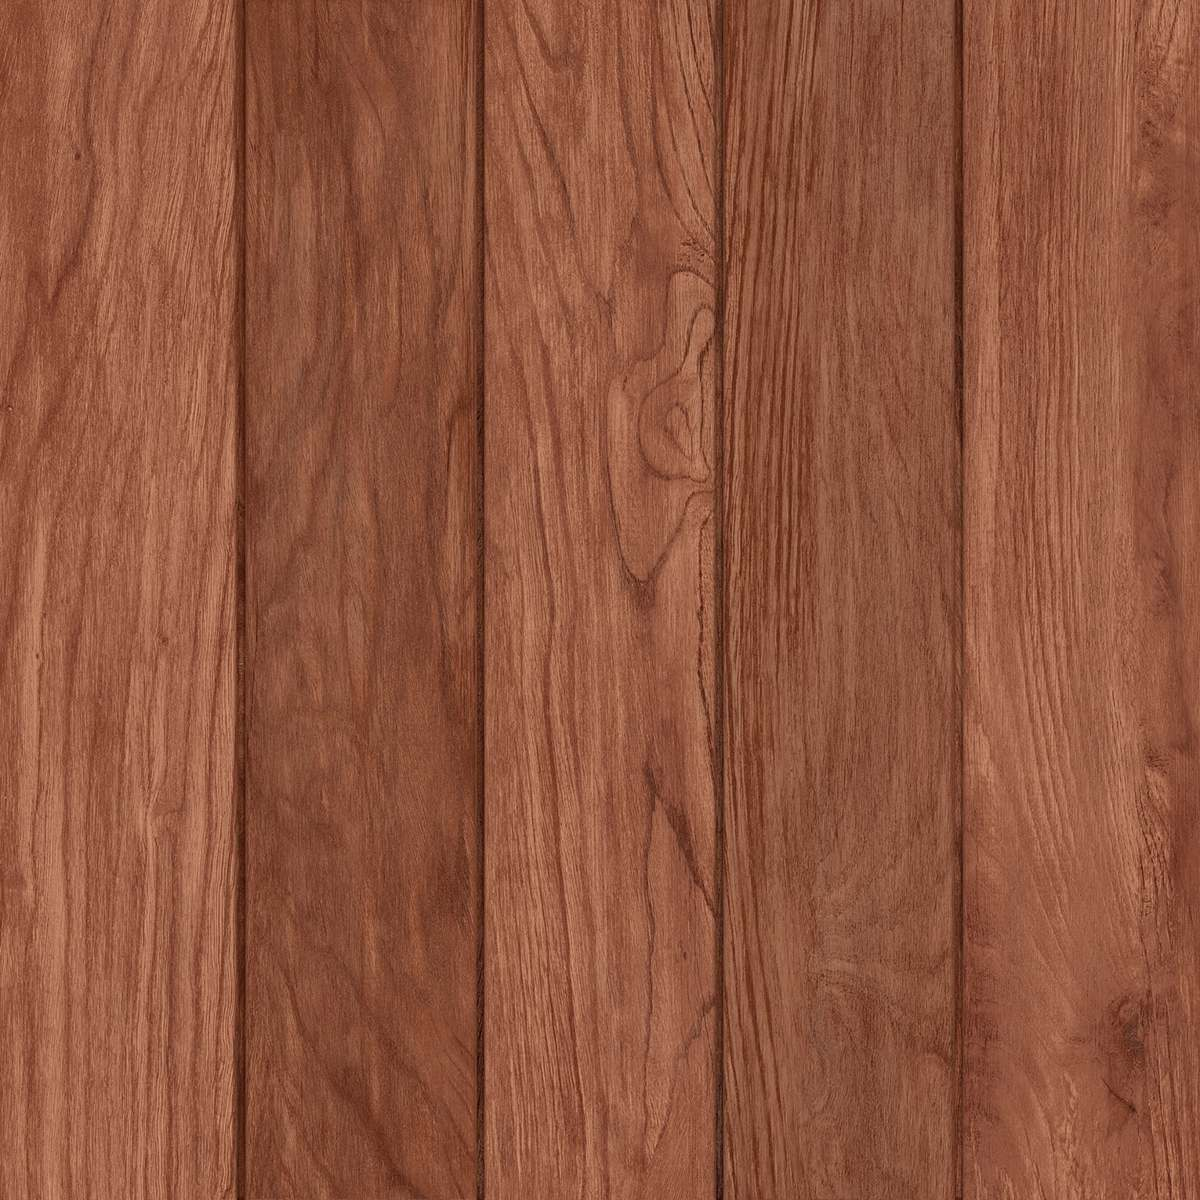 Piso parquet apolo 54x54 duragres caixa 2 03m r 37 70 for Compro ceramica para piso